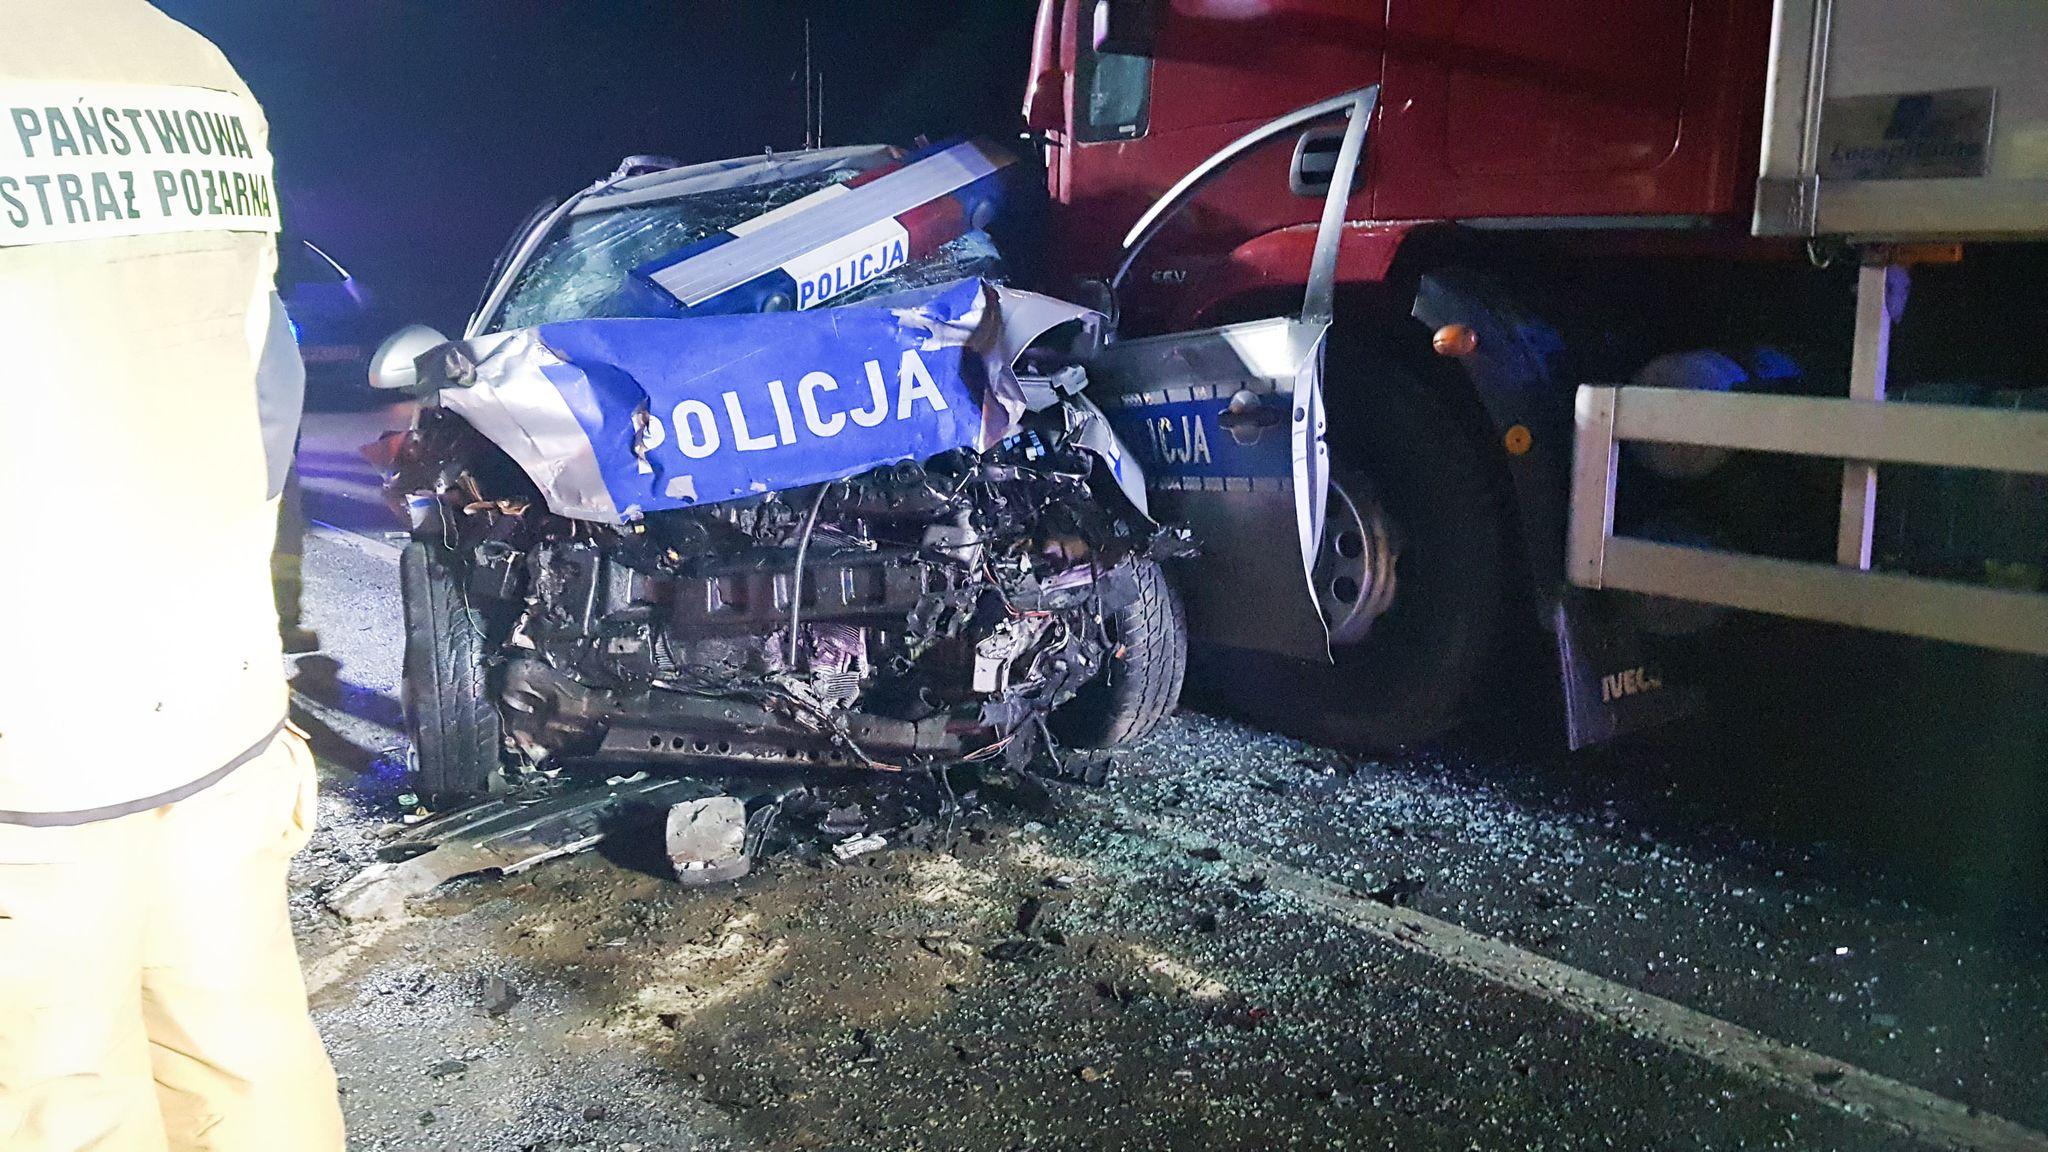 Dramatyczny pościg policyjny! Jedna osoba nie żyje! [FOTO] - Zdjęcie główne